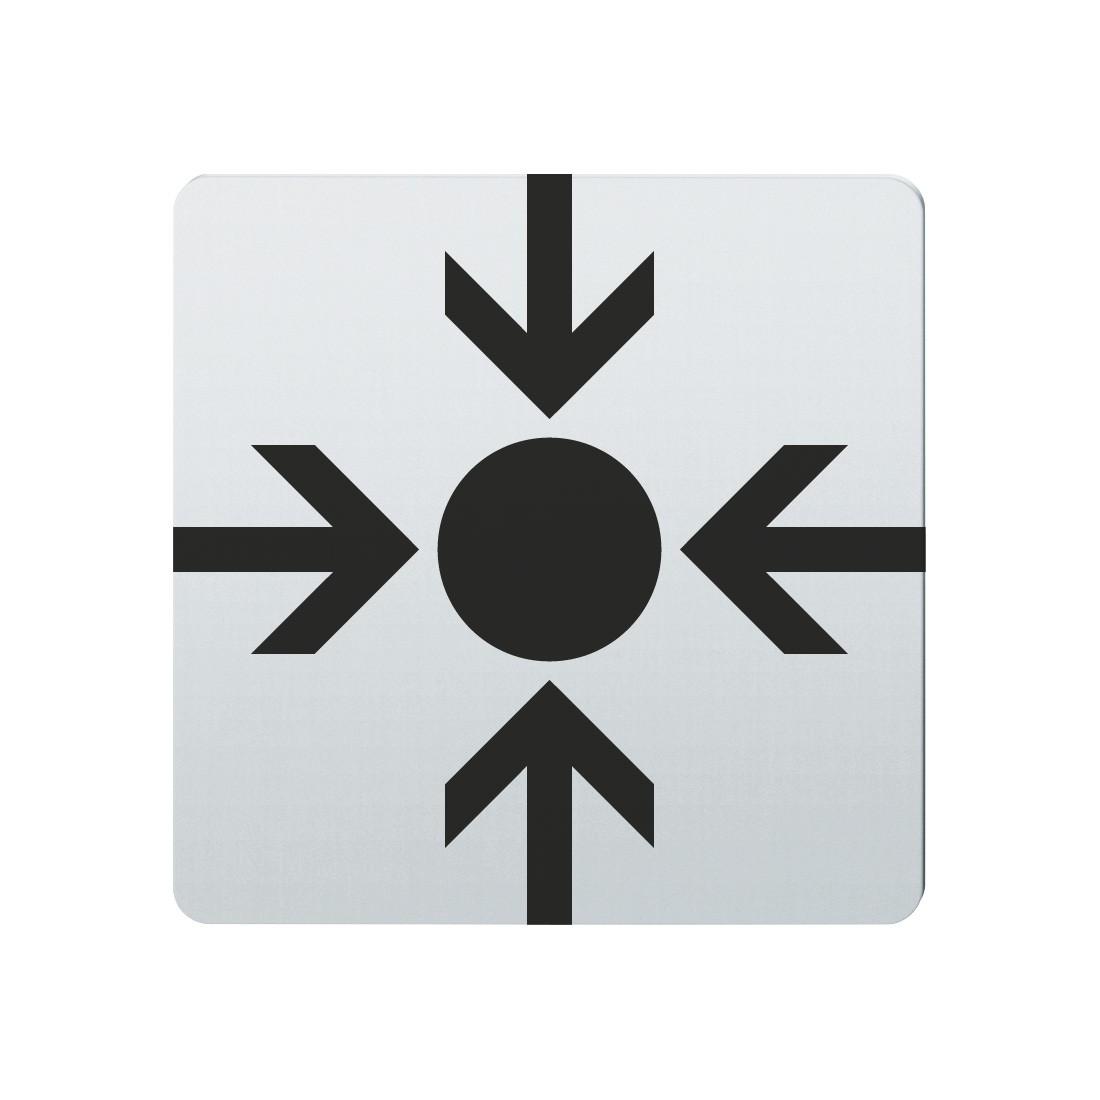 FSB Hinweiszeichen Treffpunkt Lasergraviert Edelstahl fein matt (0 36 4059 00022 6204)